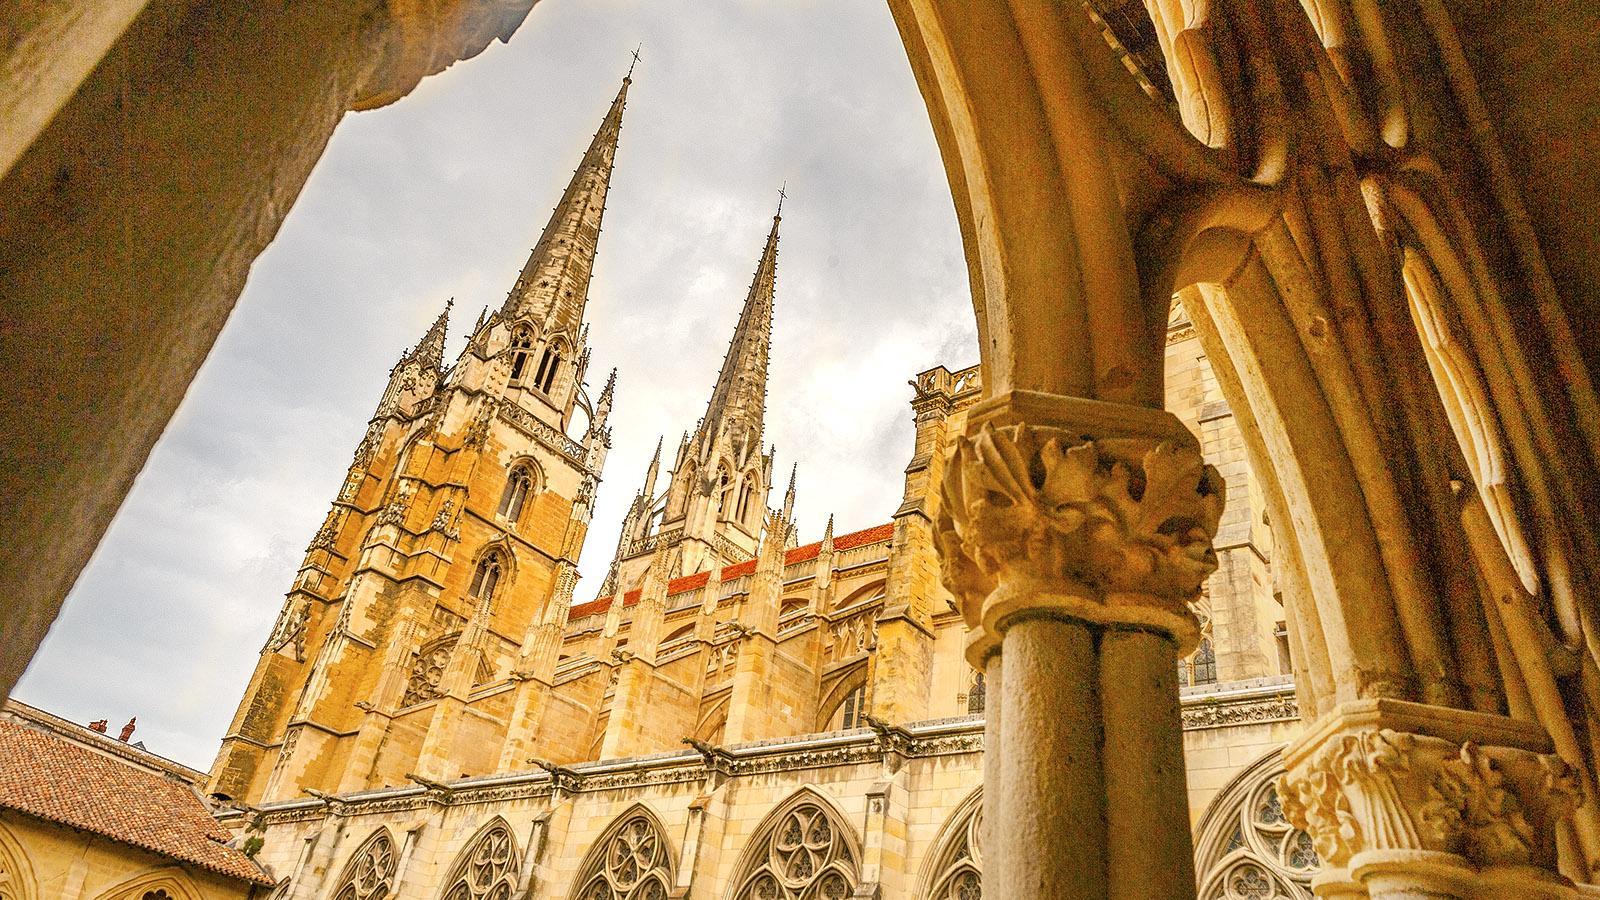 Die Kathedraole von Bayonne, gesehen vom großen Kreuzgang. Foto: Hilke Maunder